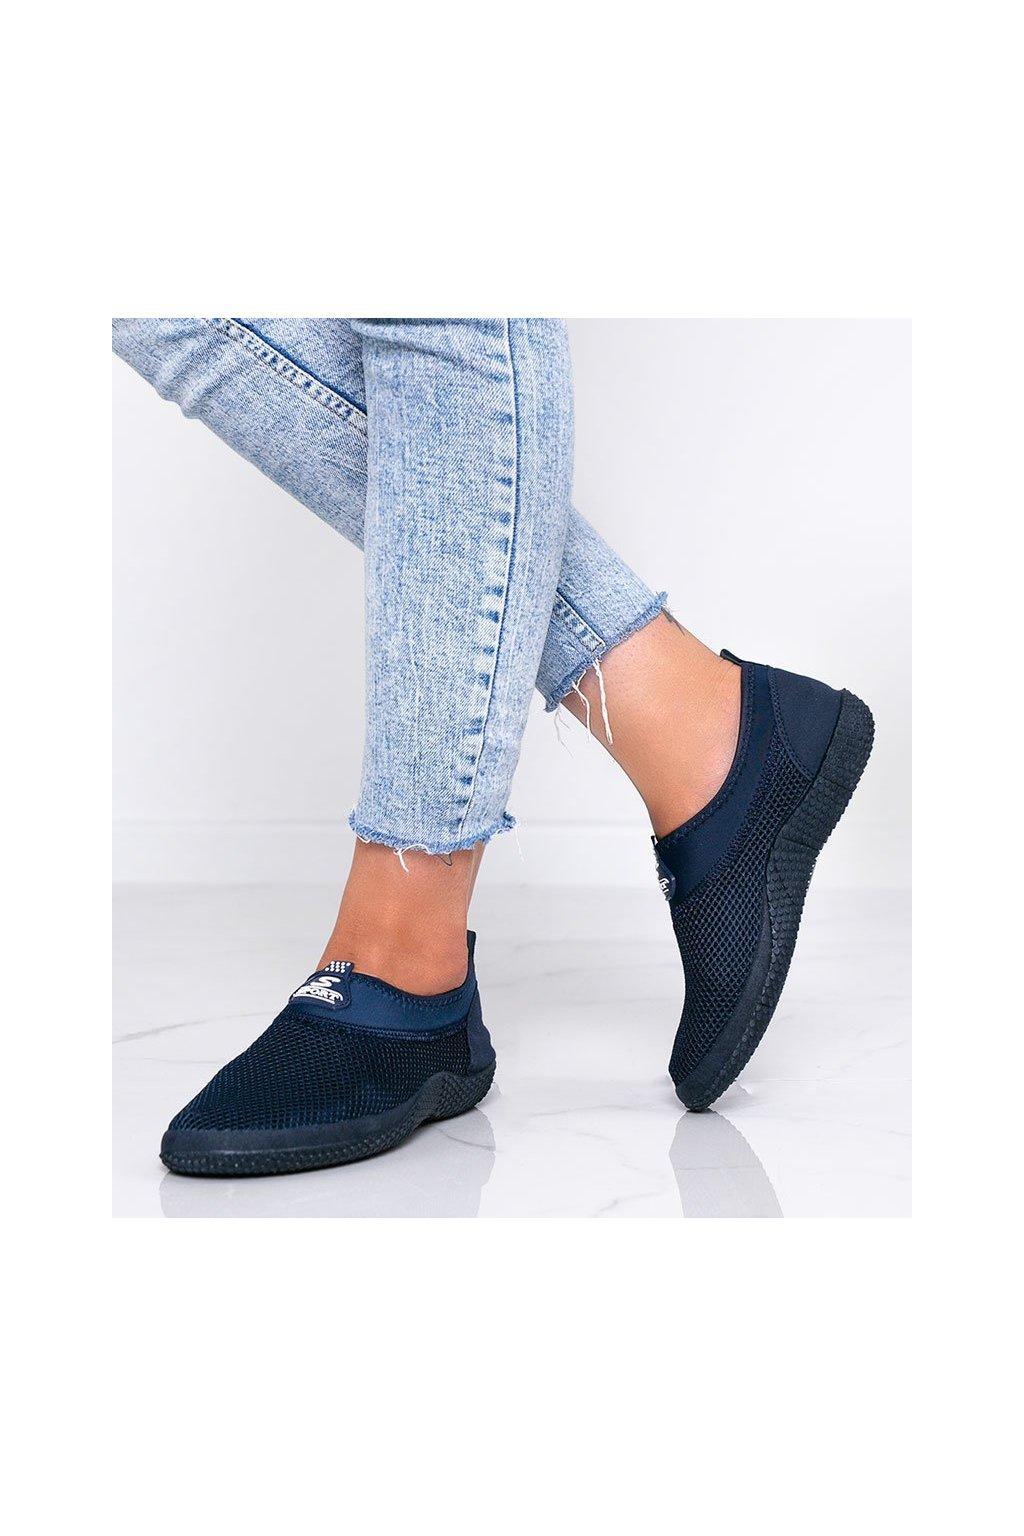 Dámske topánky tenisky modré kód C9019 - GM